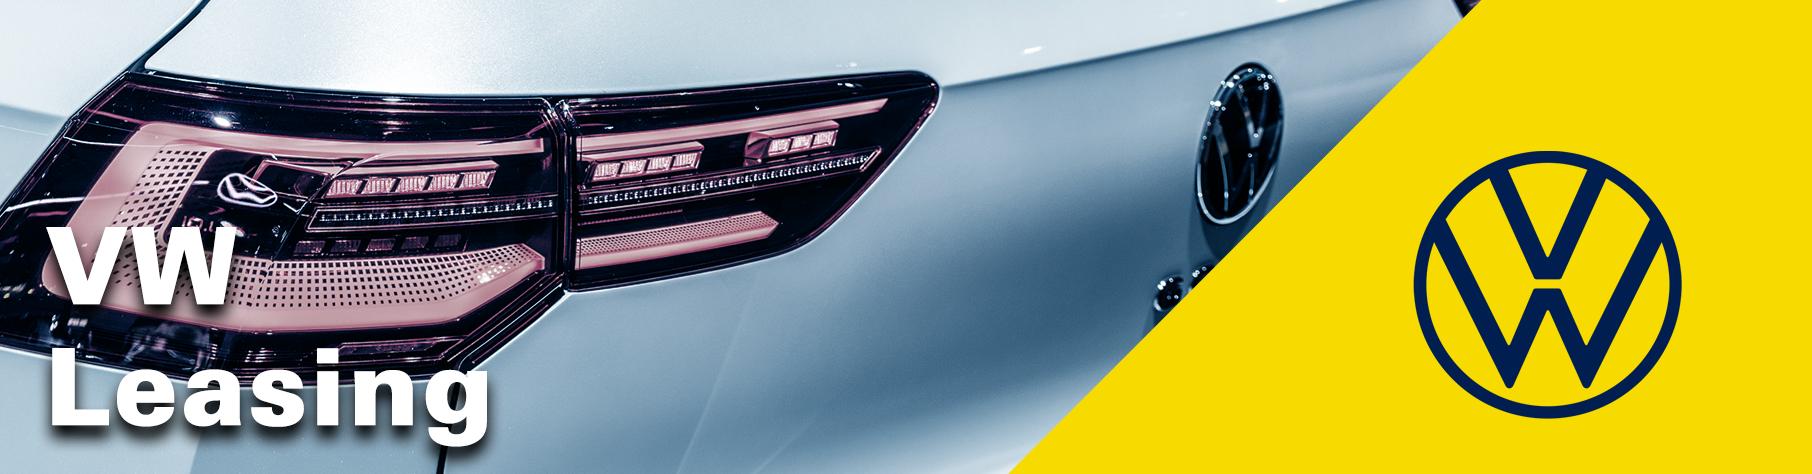 VW T-Cross-Leasing für Ihr Business - Unsere VW T-Cross-Leasing-Bestseller